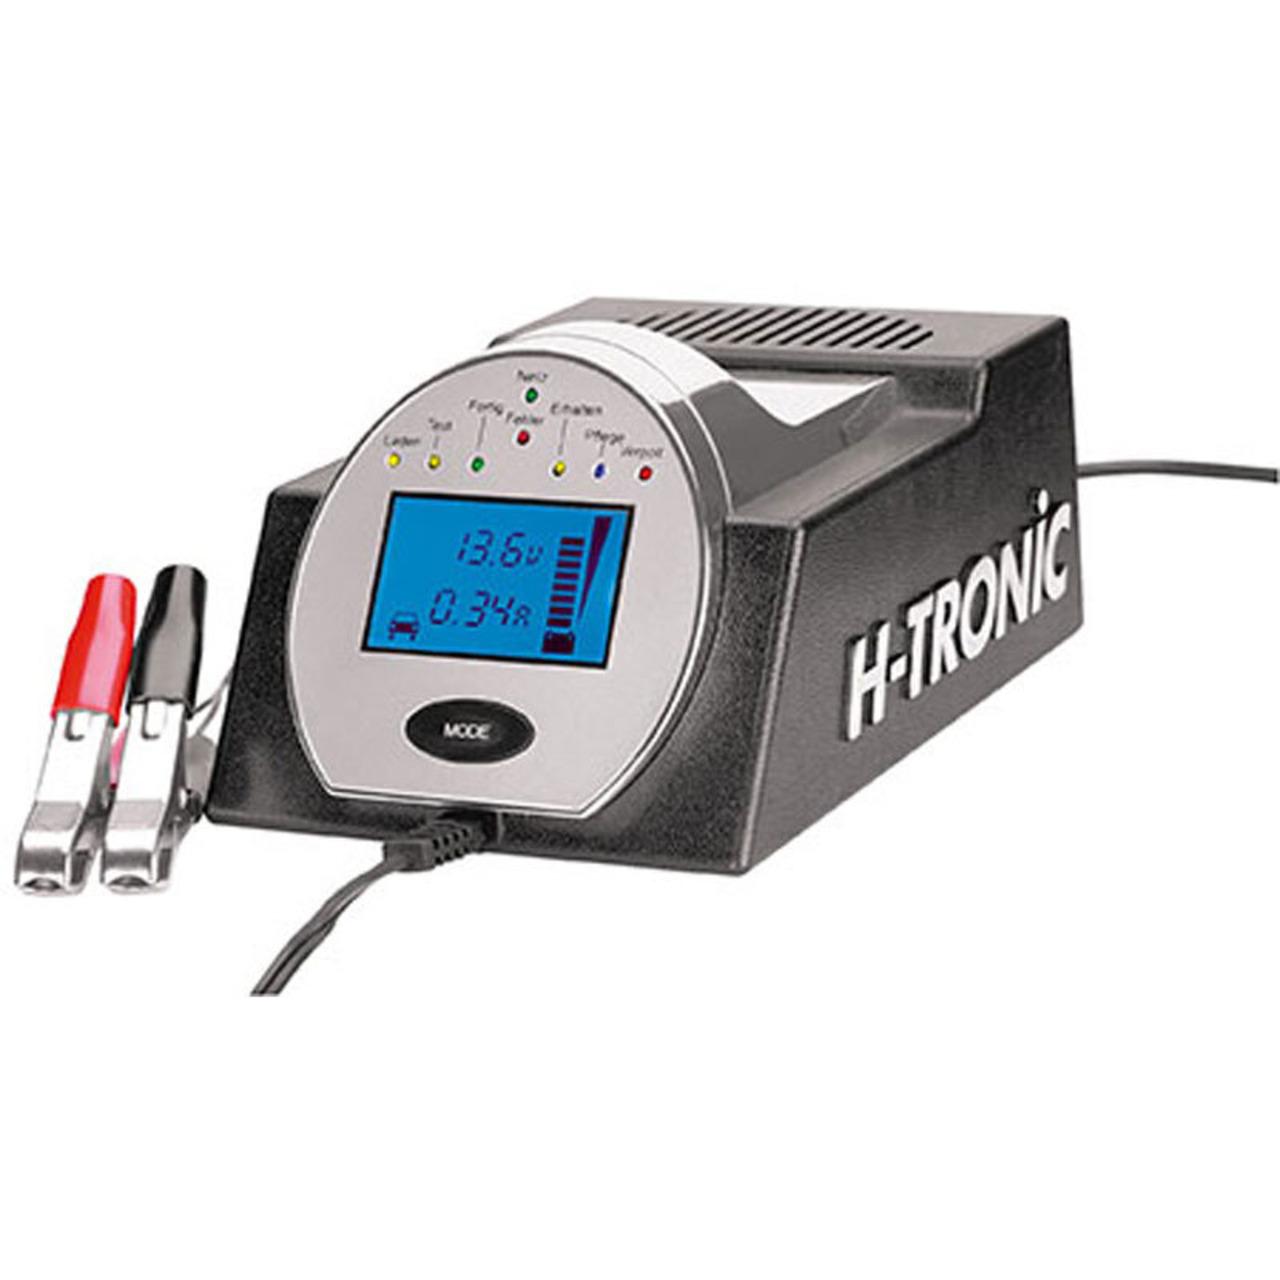 H-Tronic HTDC 5000 3in1 Ladegerät für Kfz-Bleiakkus